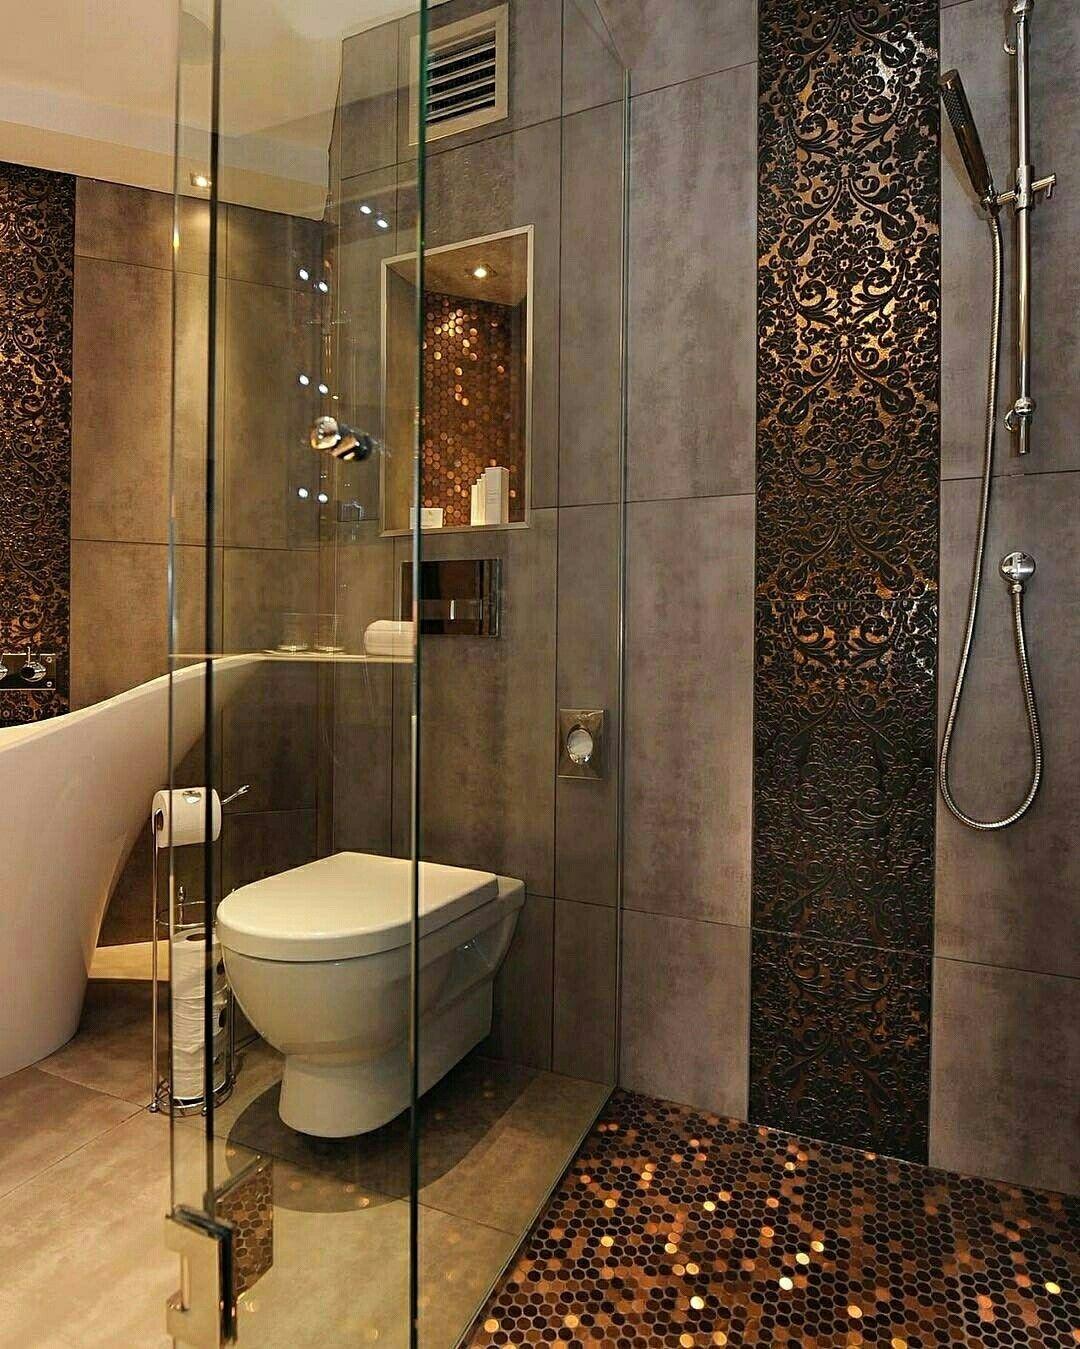 Badezimmerfliesenideen um badewanne pin von norbert dallmann auf badideen  pinterest  badezimmer bad